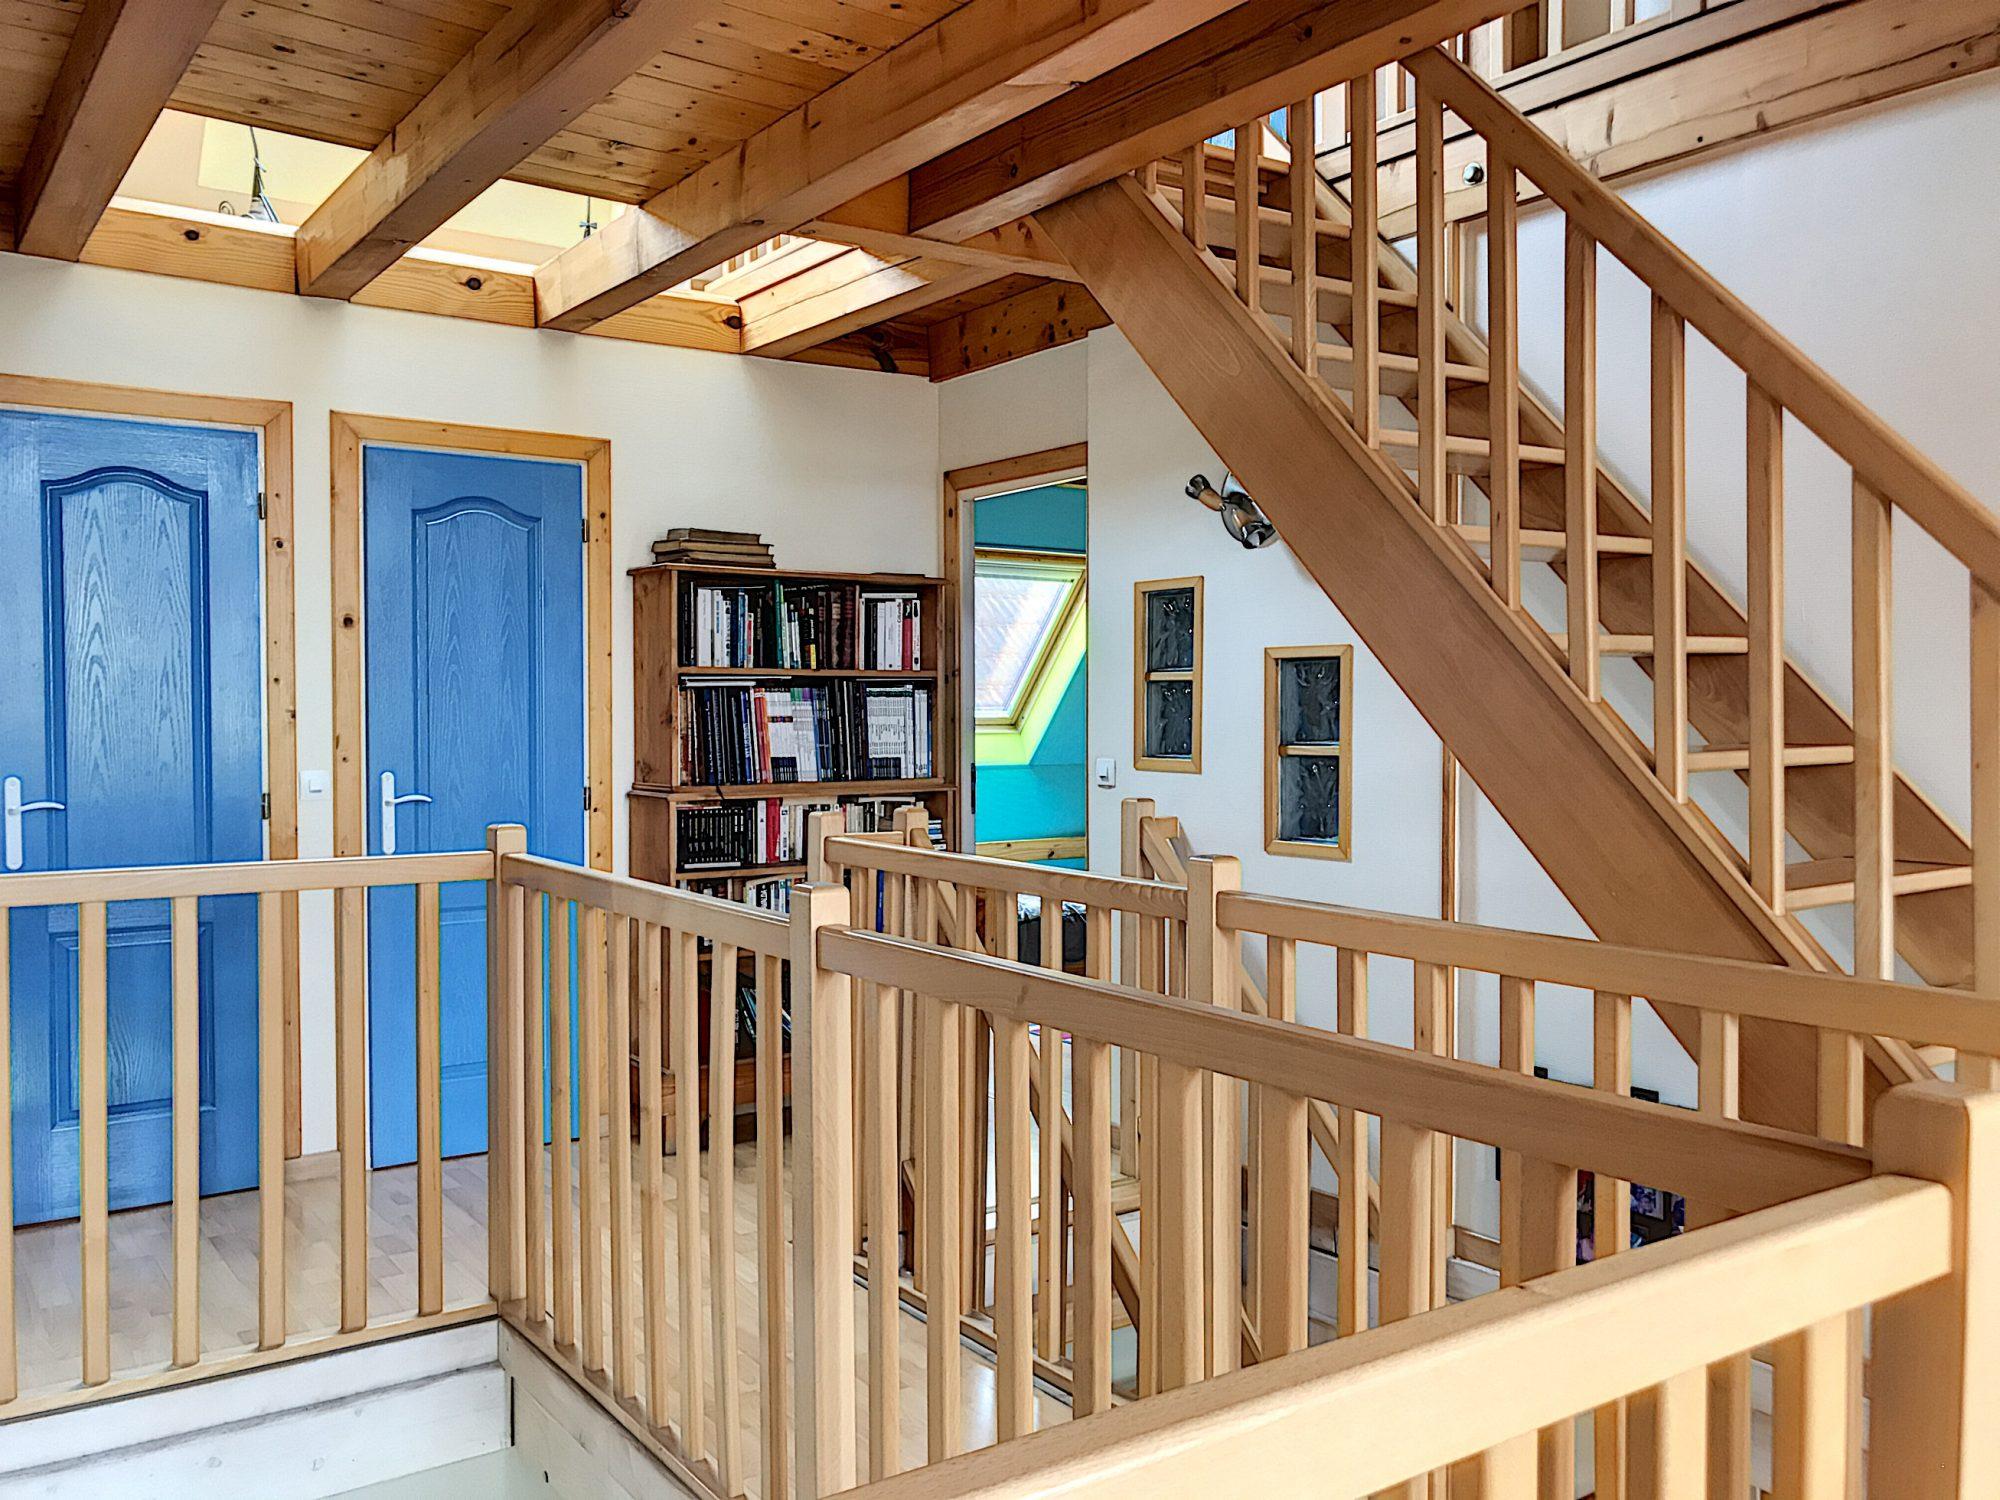 MAISON D'ARCHITECTE DE 7 PIÈCES - Devenez propriétaire en toute confiance - Bintz Immobilier - 6